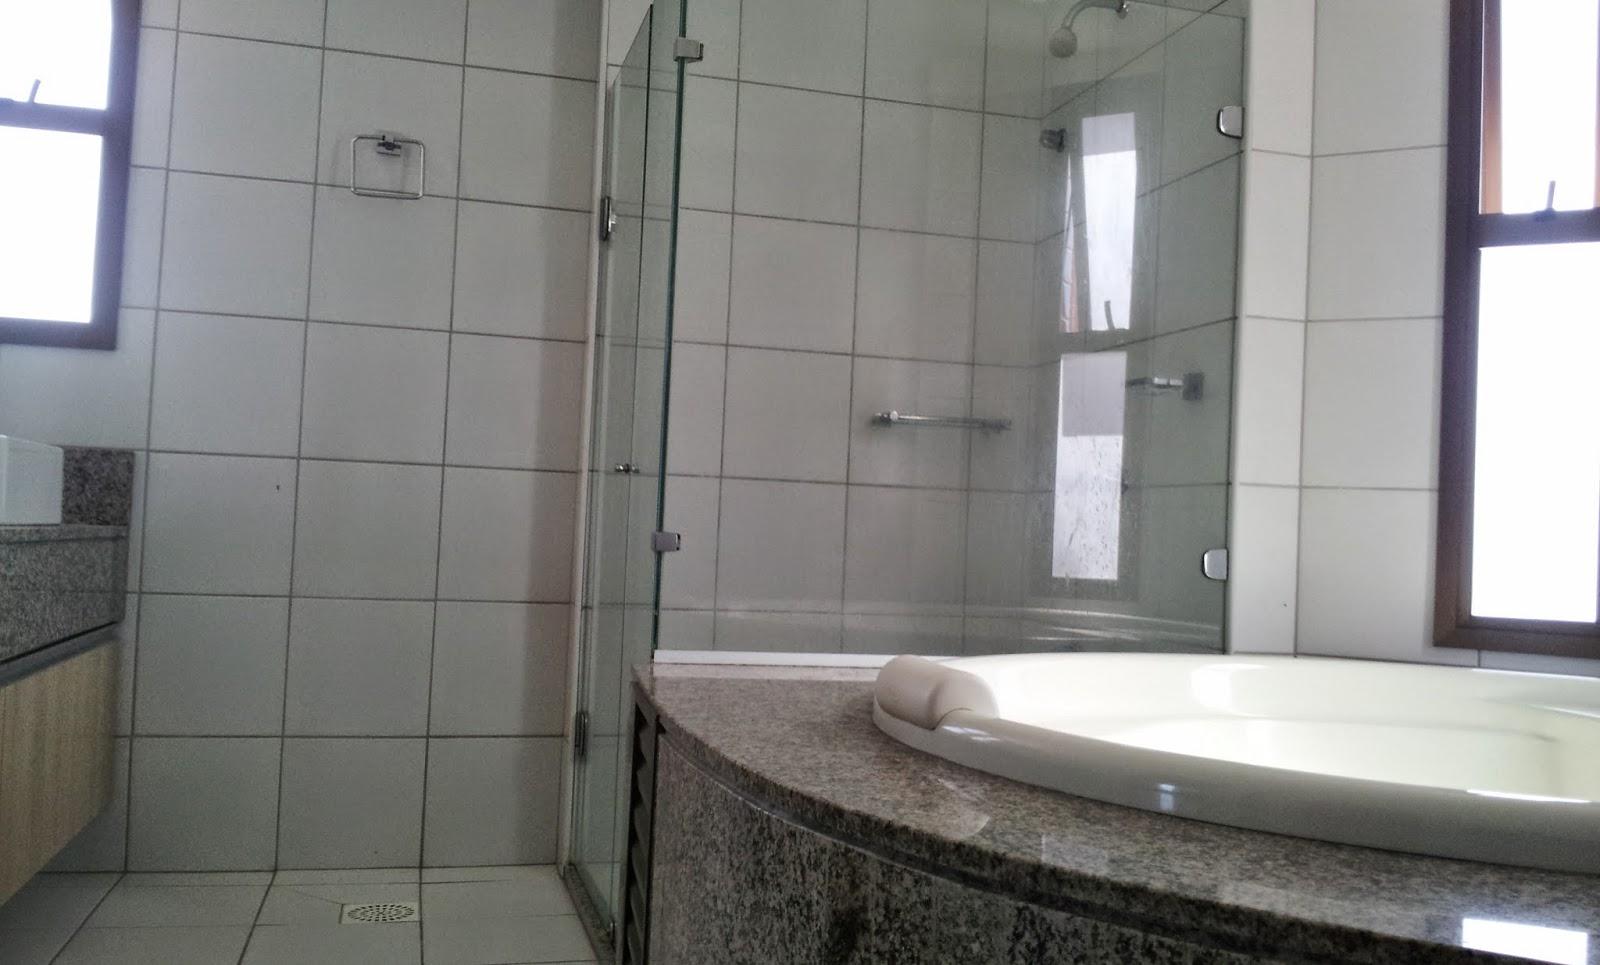 Criativo Vidraçaria: Box para banheiro em Fortaleza #4F495E 1600x965 Banheiro Container Fortaleza